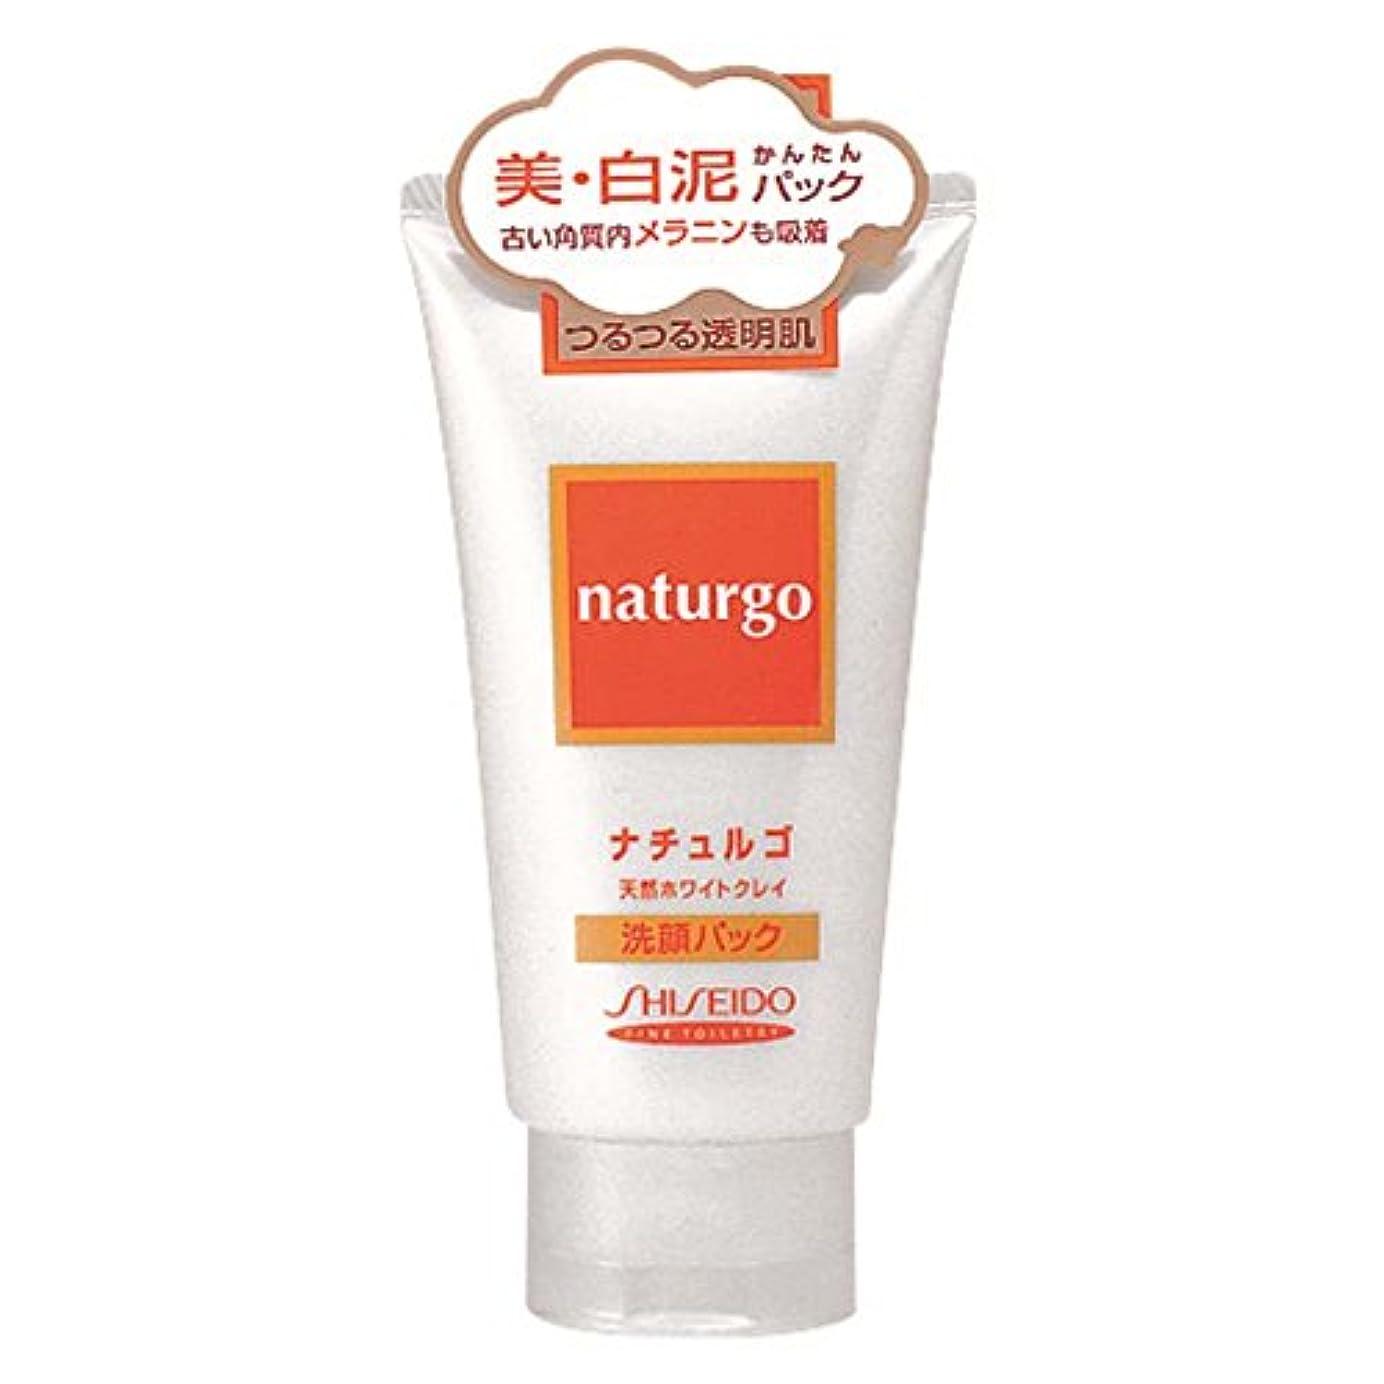 ナイロン溶融逆さまに【アウトレット品】ナチュルゴ 天然ホワイトクレイ洗顔パック